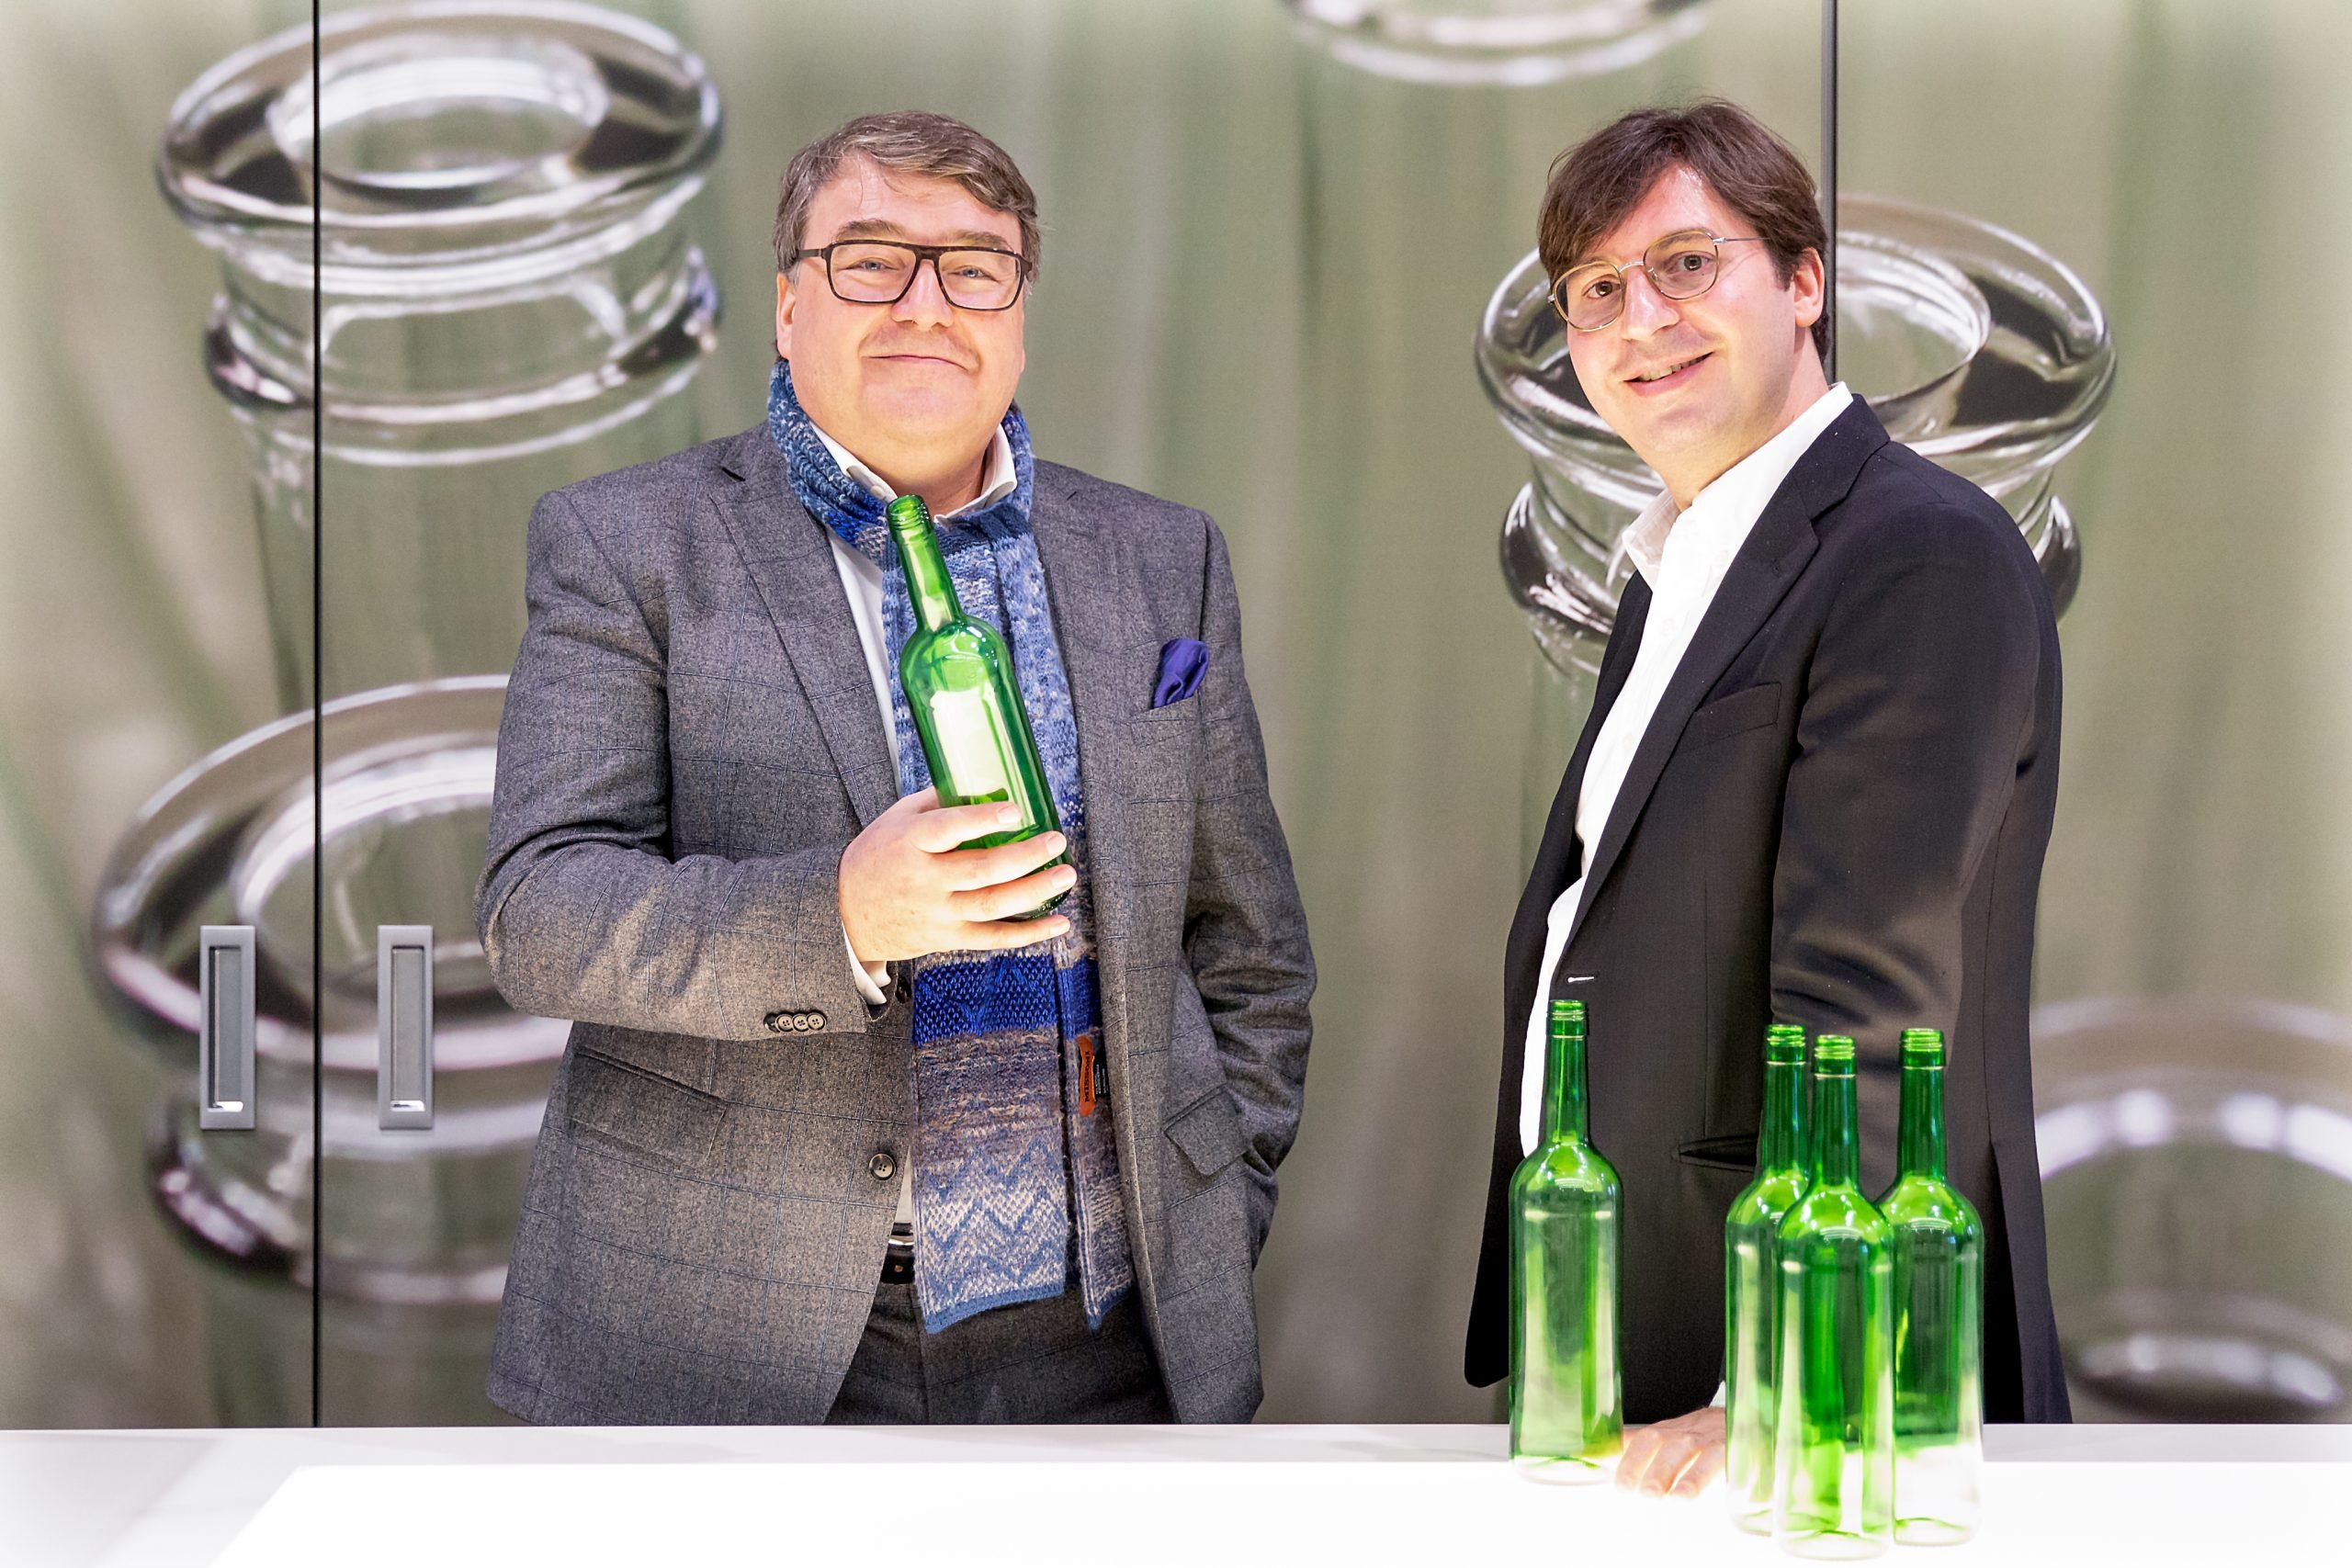 Edizione Sontino – Der weltweit erste bio-vegane Wein in der klimaneutralen Eco2Bottle